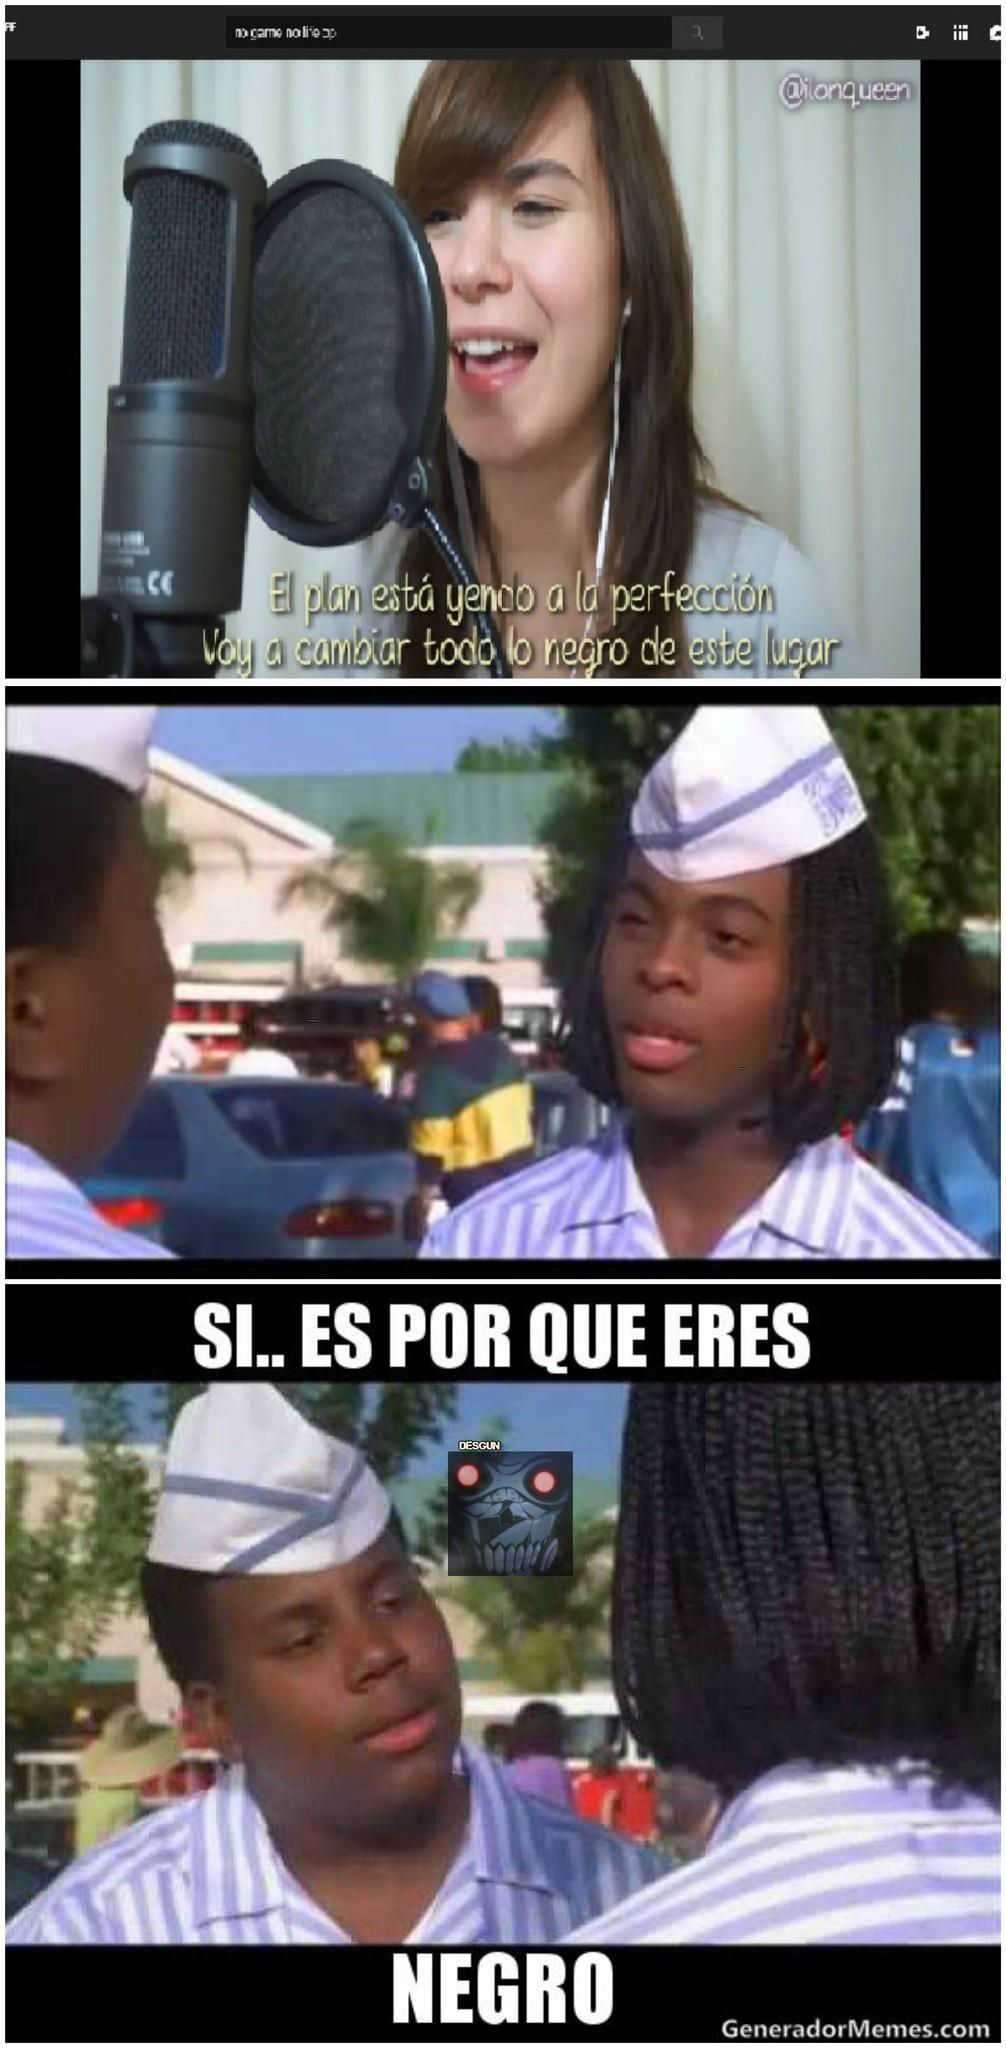 Si negro... - meme